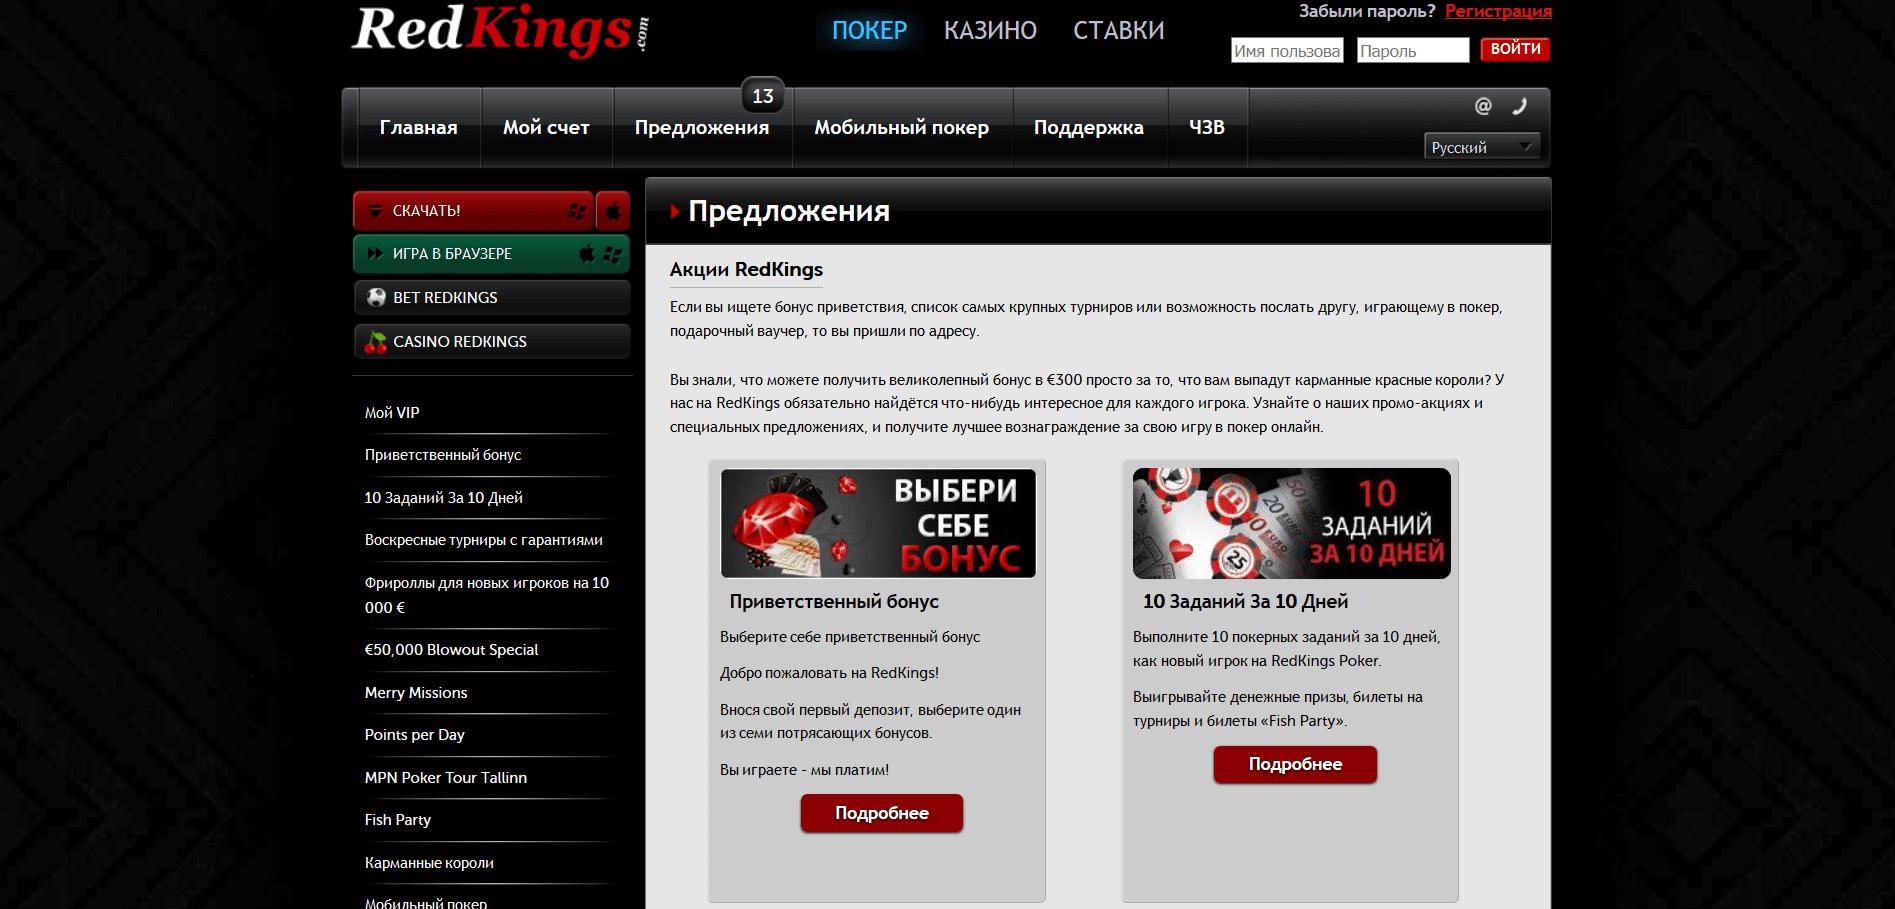 редкингс покер акции